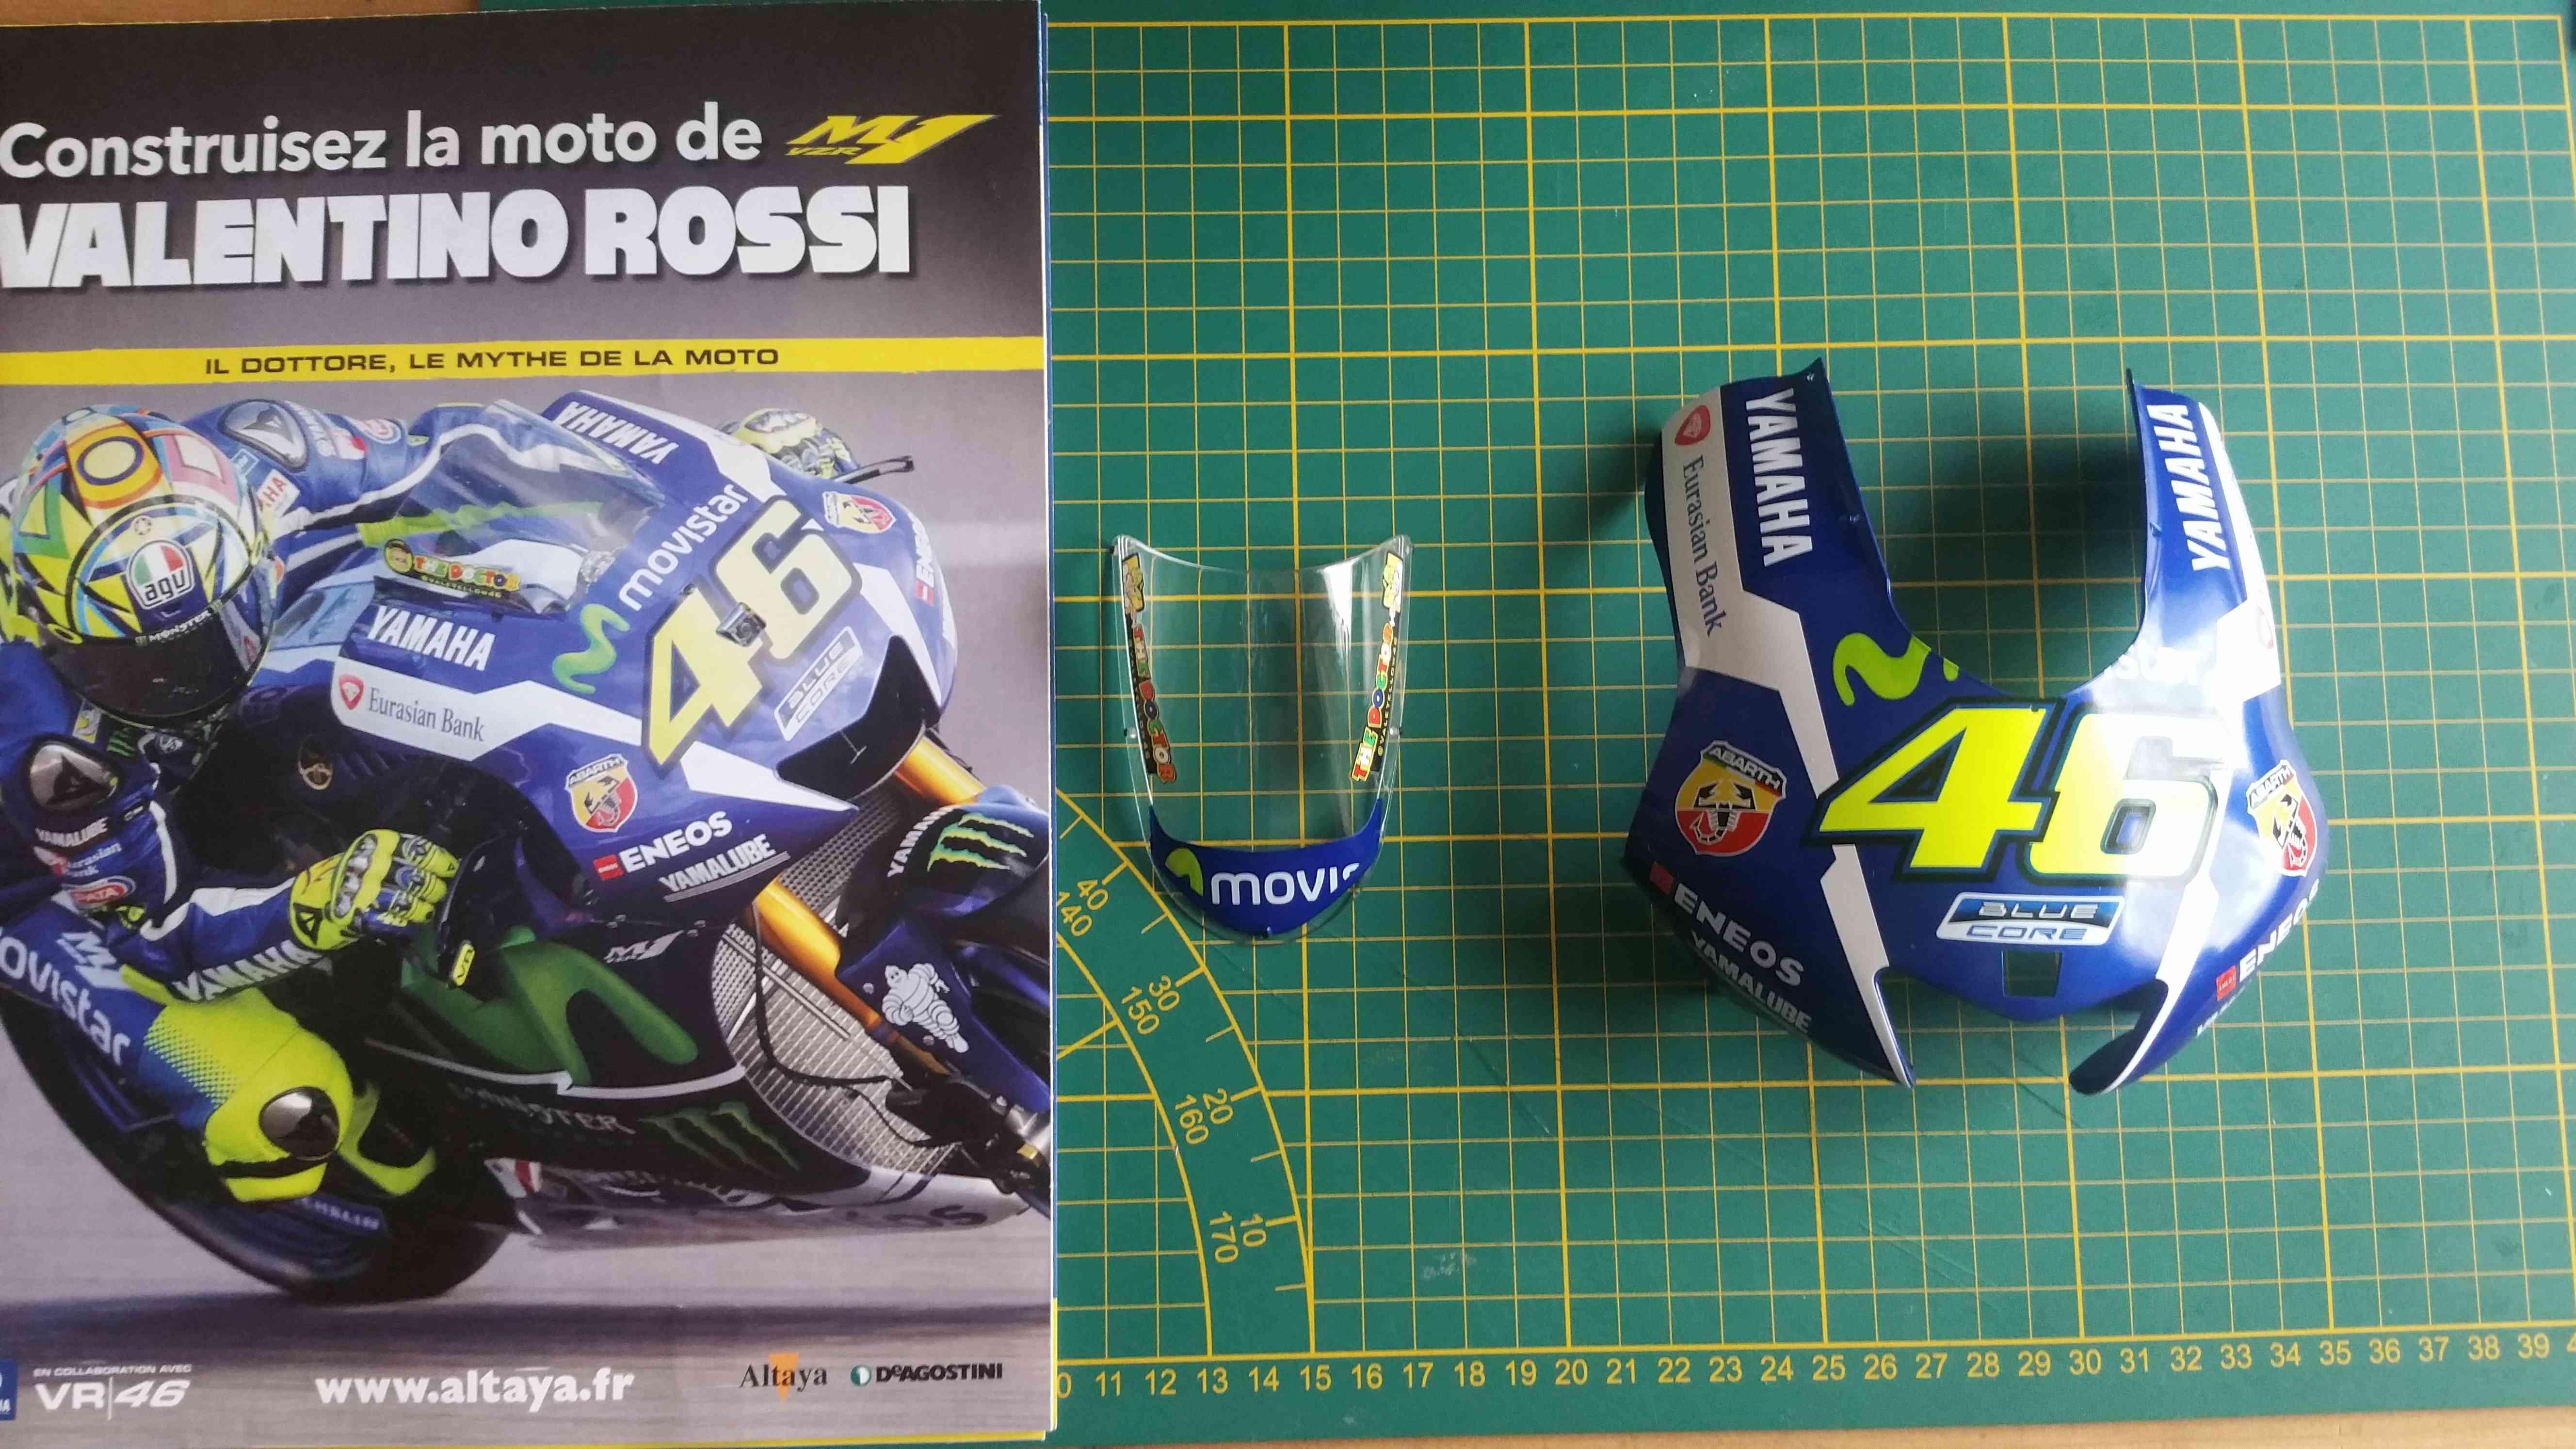 Construisez la moto YZR-M1 de Valentino Rossi en partenariat avec ALTAYA 20180580